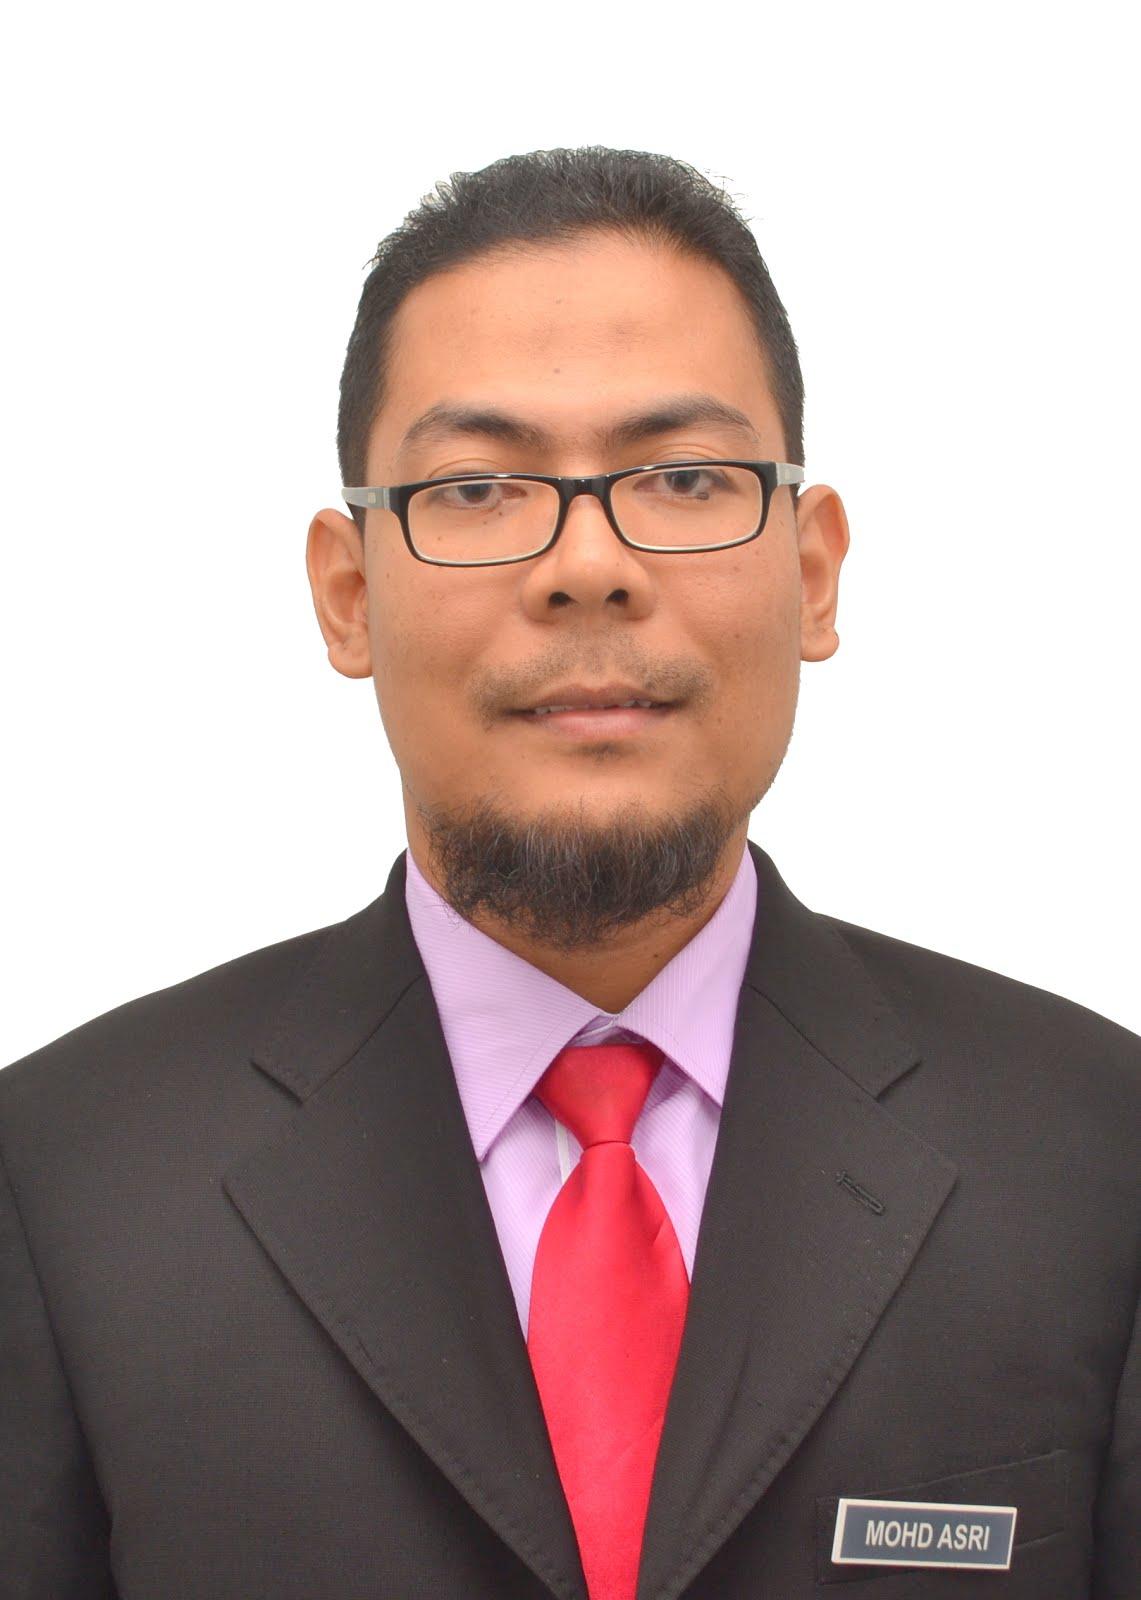 EN. MOHD. ASRI MD. SAAD